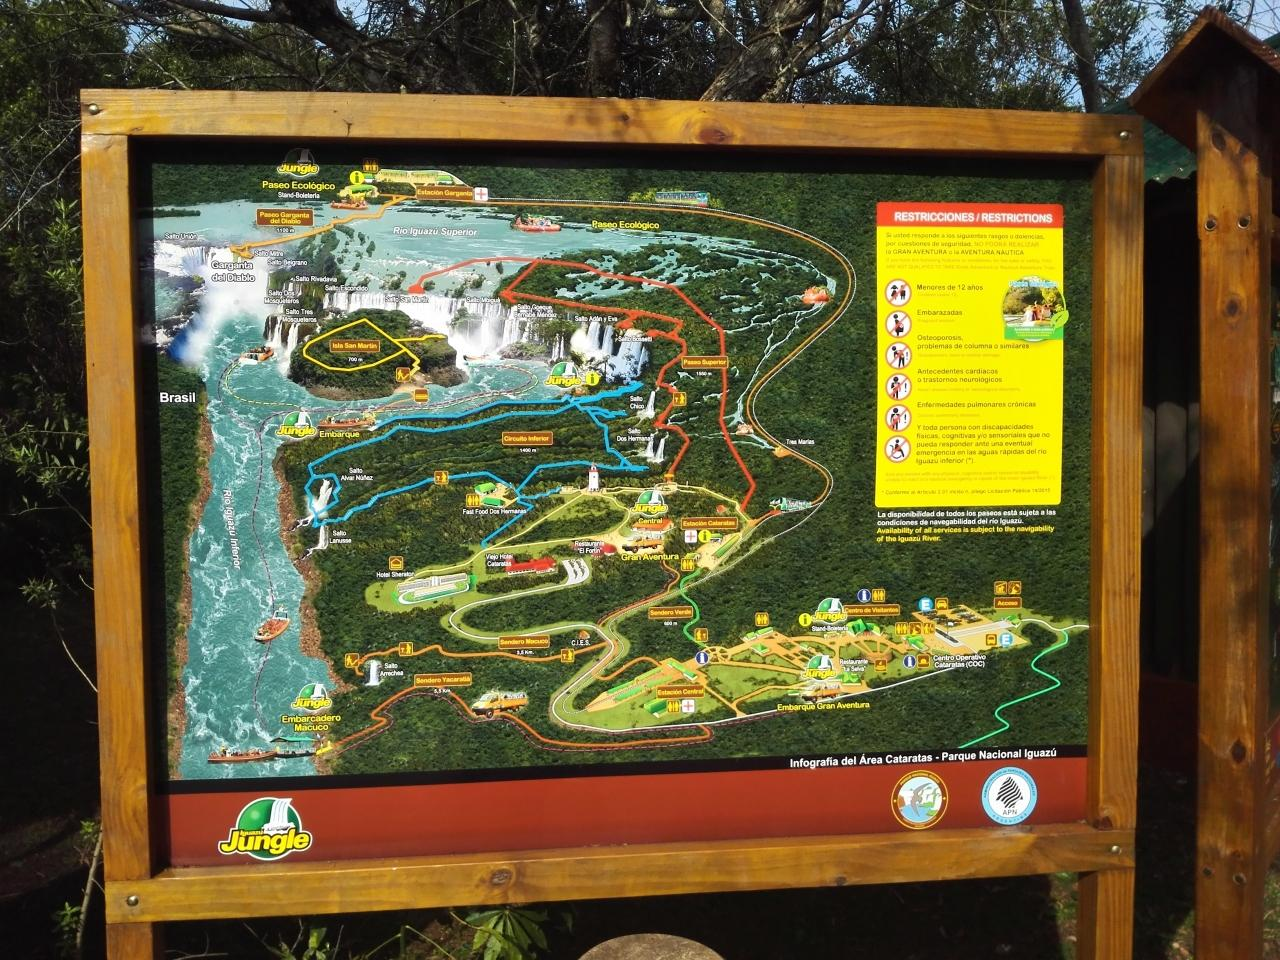 イグアス国立公園 (アルゼンチン)の画像 p1_19